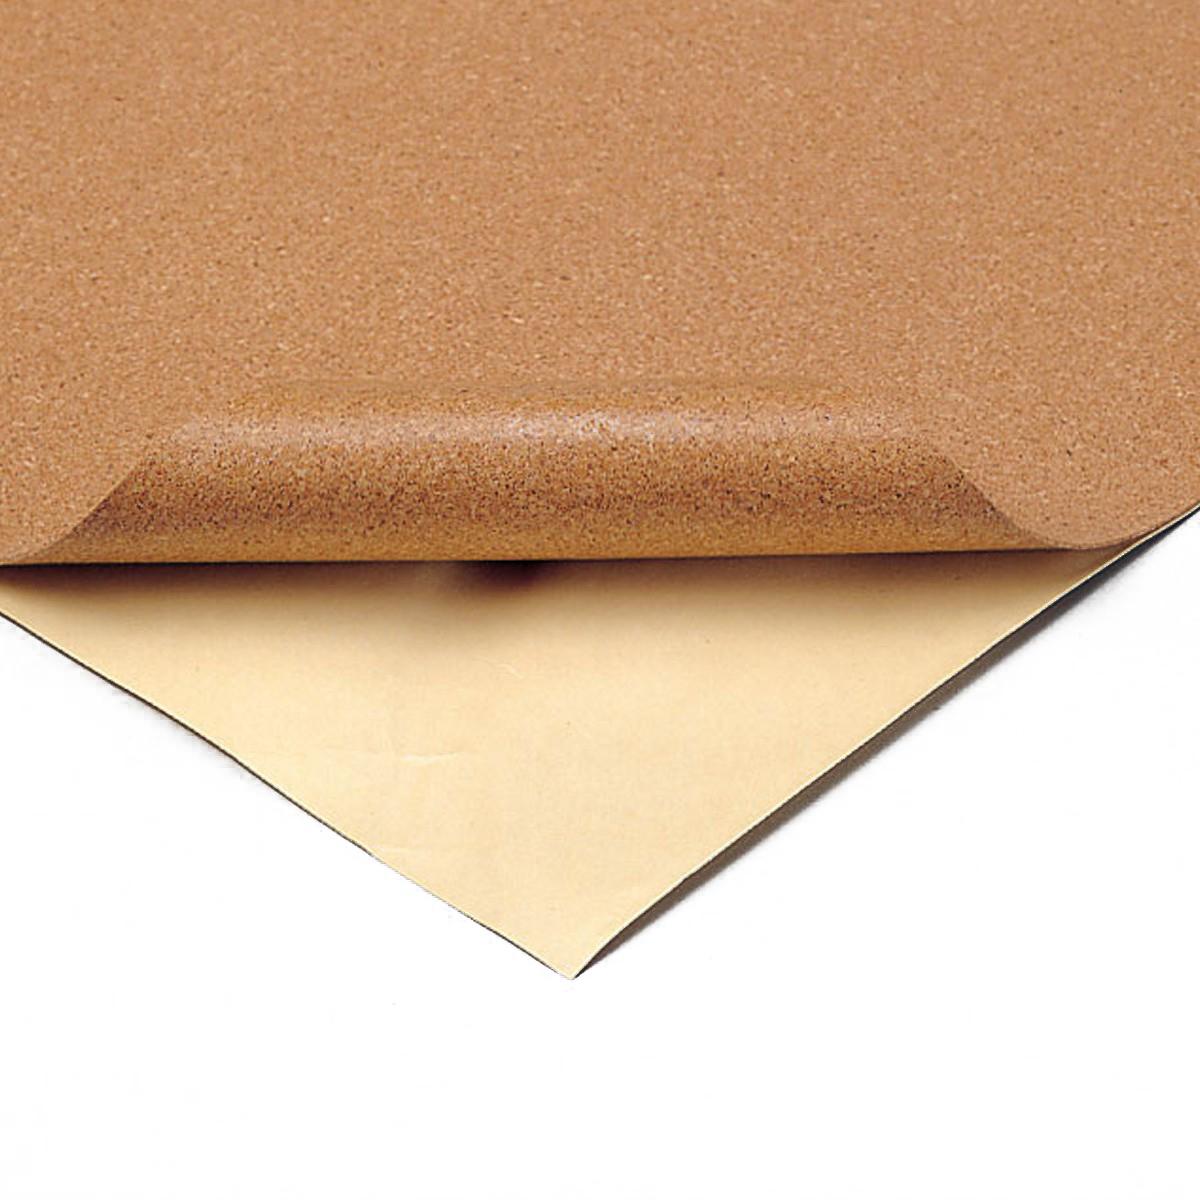 手軽に切り貼りできる素材です 粘着コルクシート 細目 2mm厚 DIY 木材 コルク 予約販売 爆買い送料無料 手作り